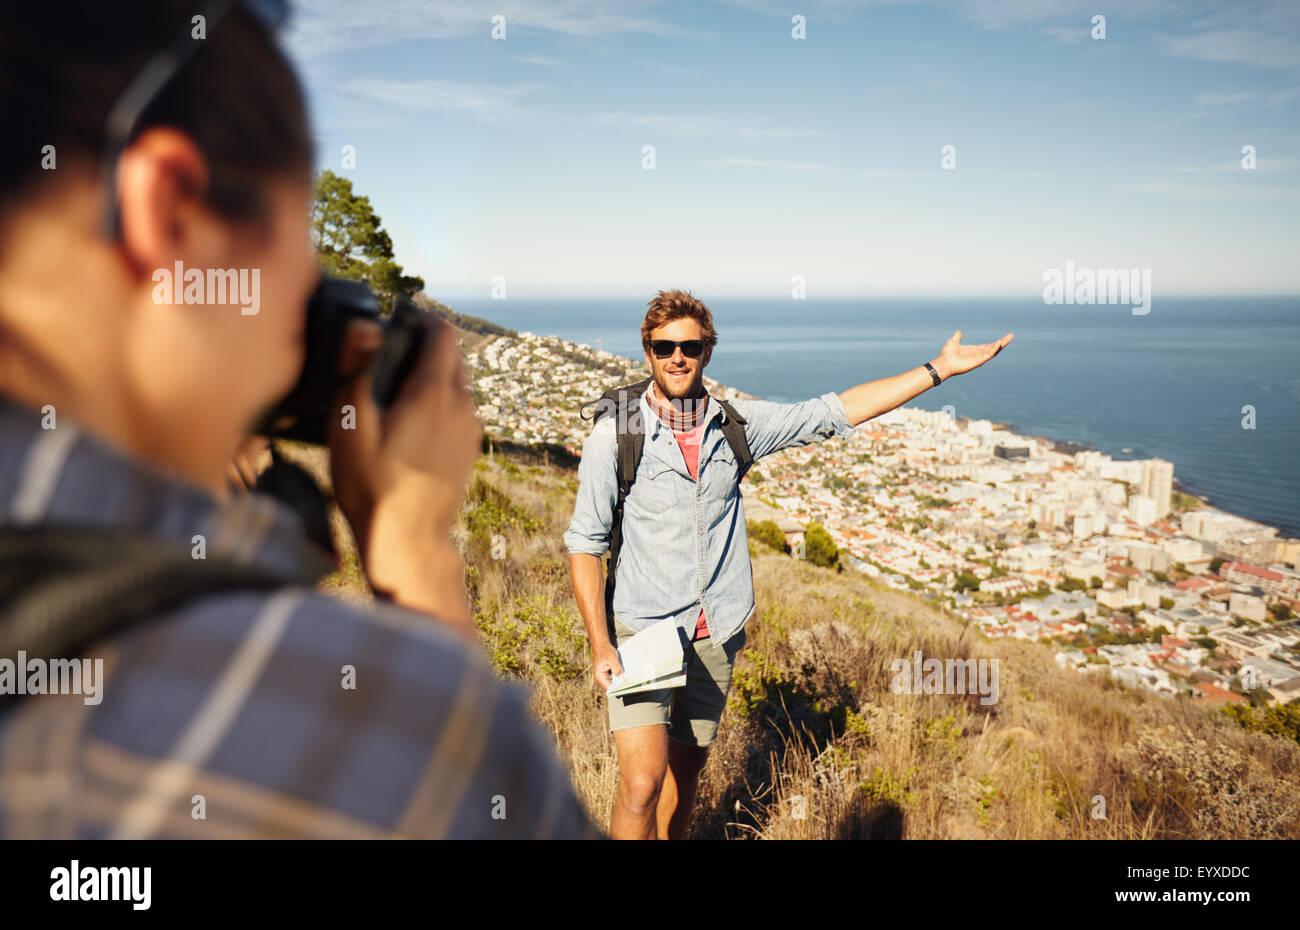 Im Freien Schuss von touristischen Paar genießt Natur und nehmen Foto. Frau unter Bild von Freund zeigen etwas Stockbild